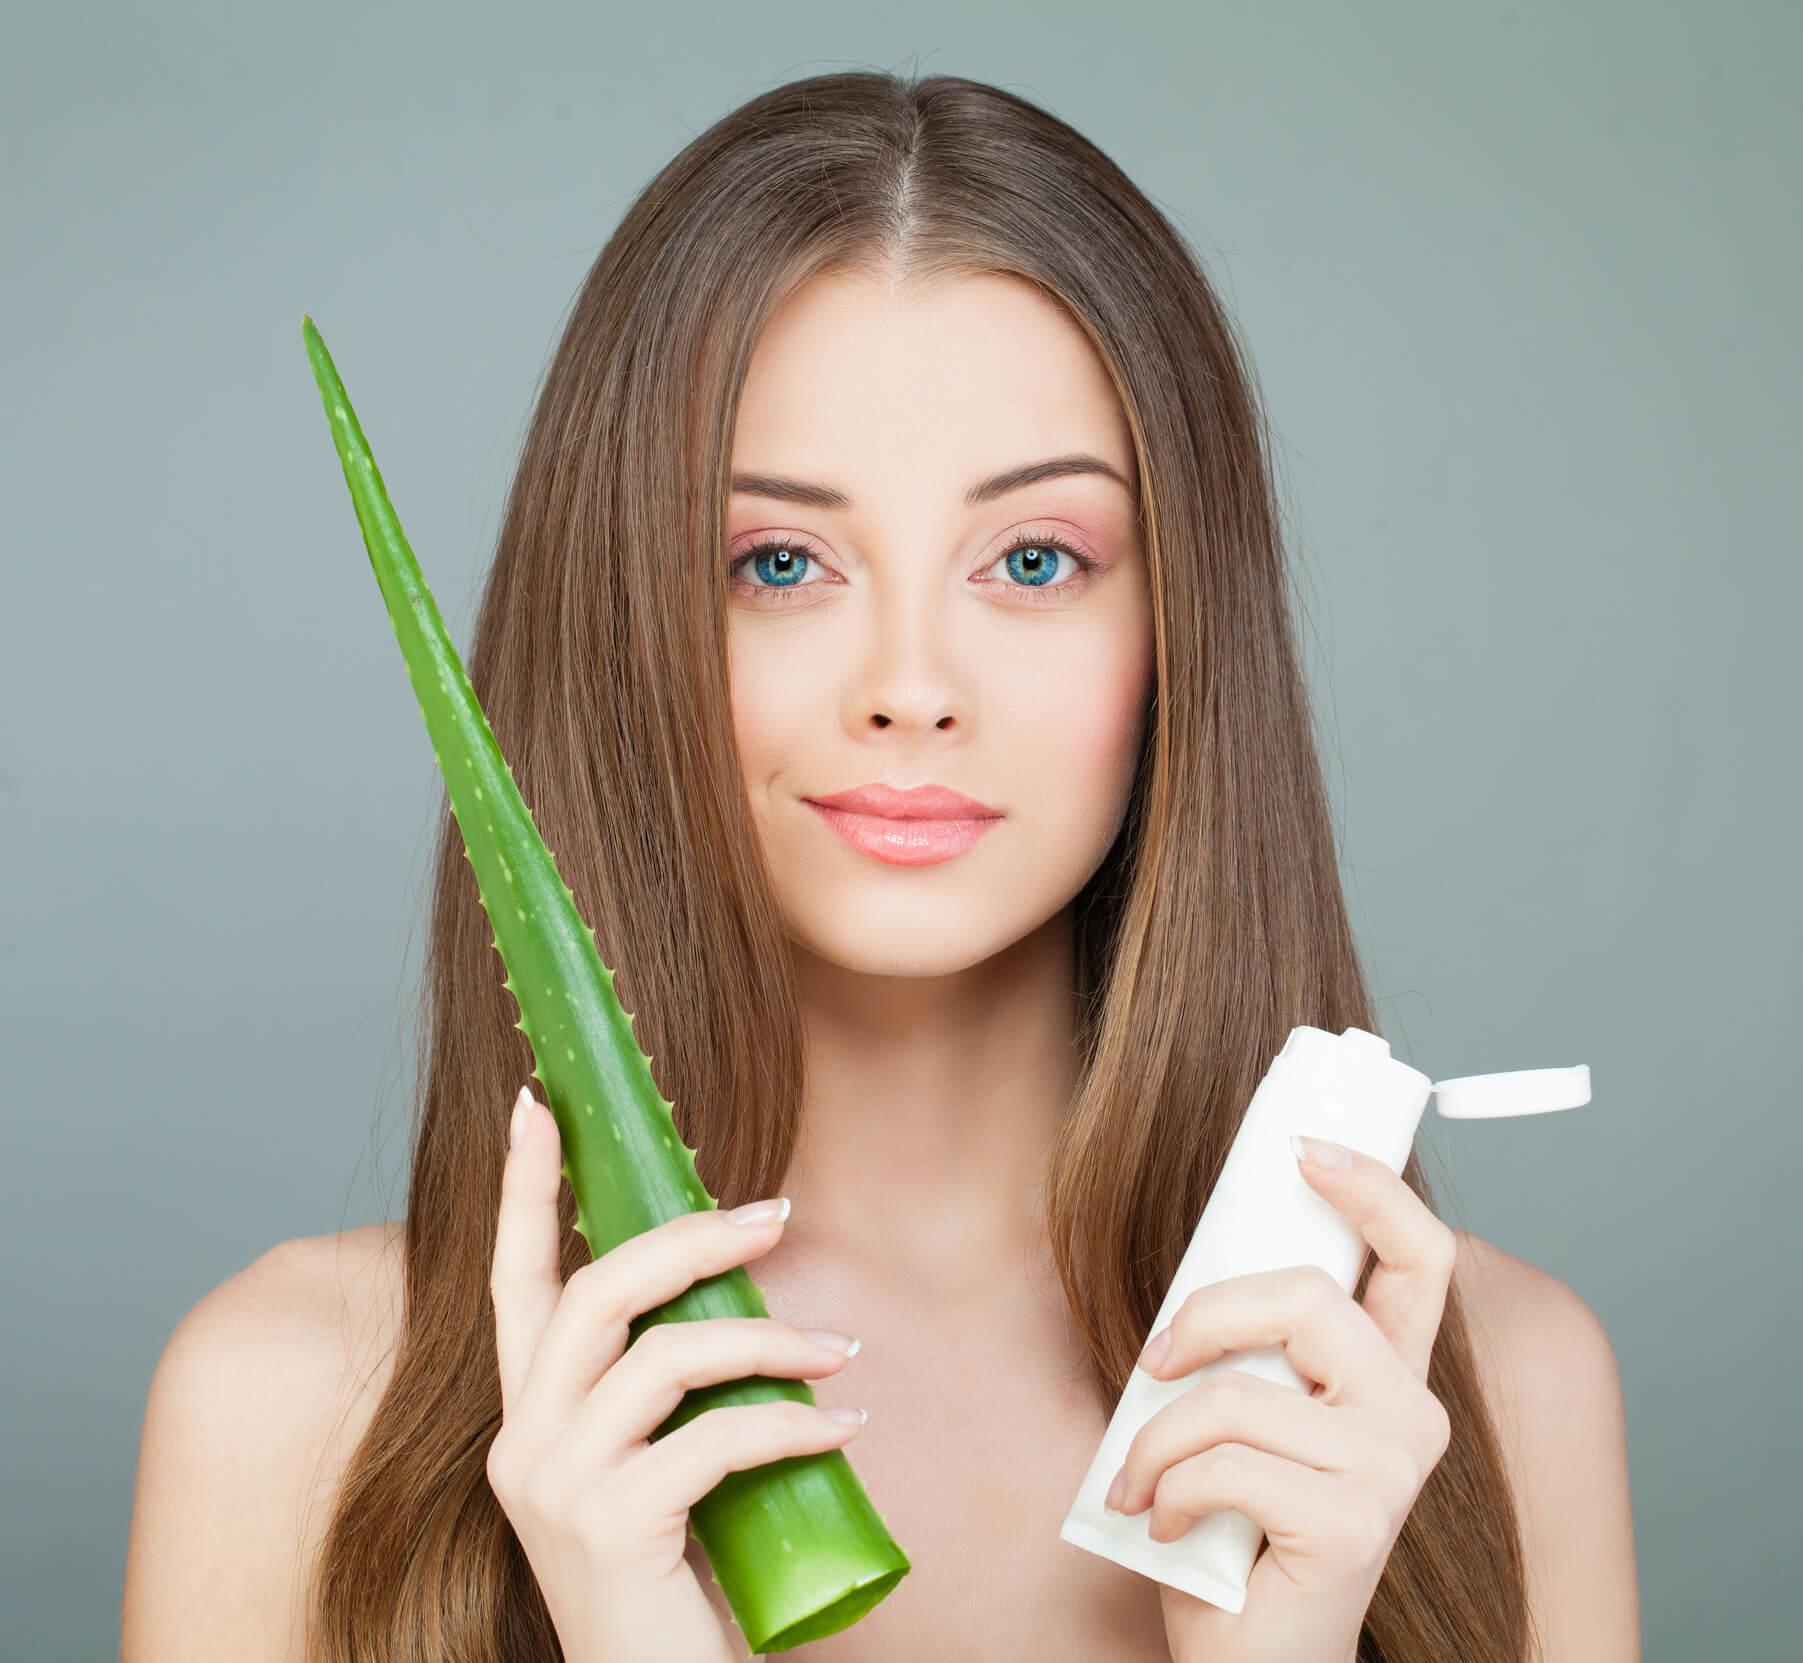 sábila para el cabello mujer con planta y producto